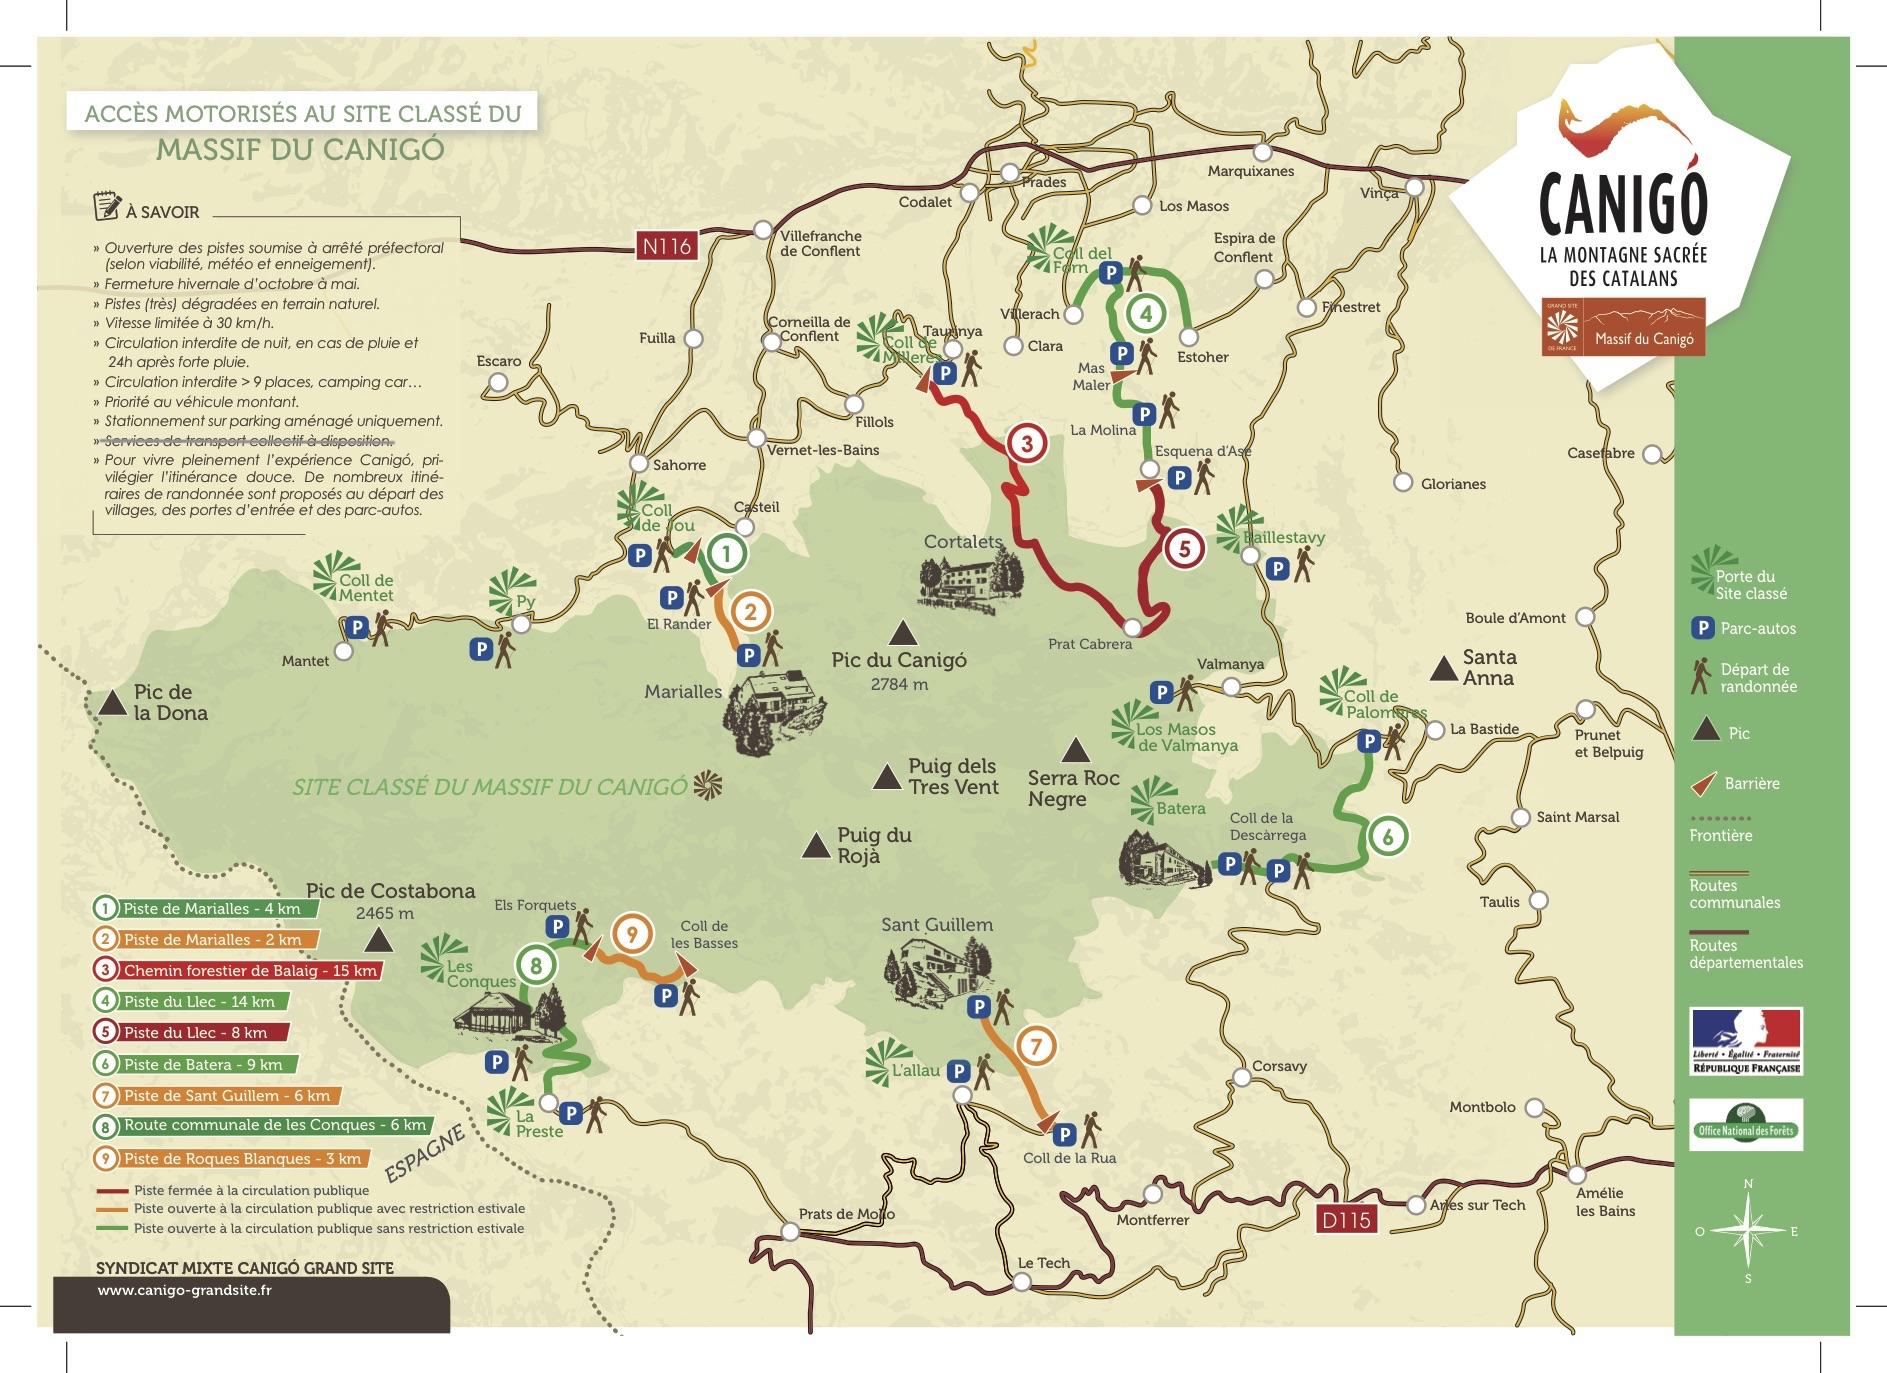 Accès motorisé au site classé du massif du Canigó